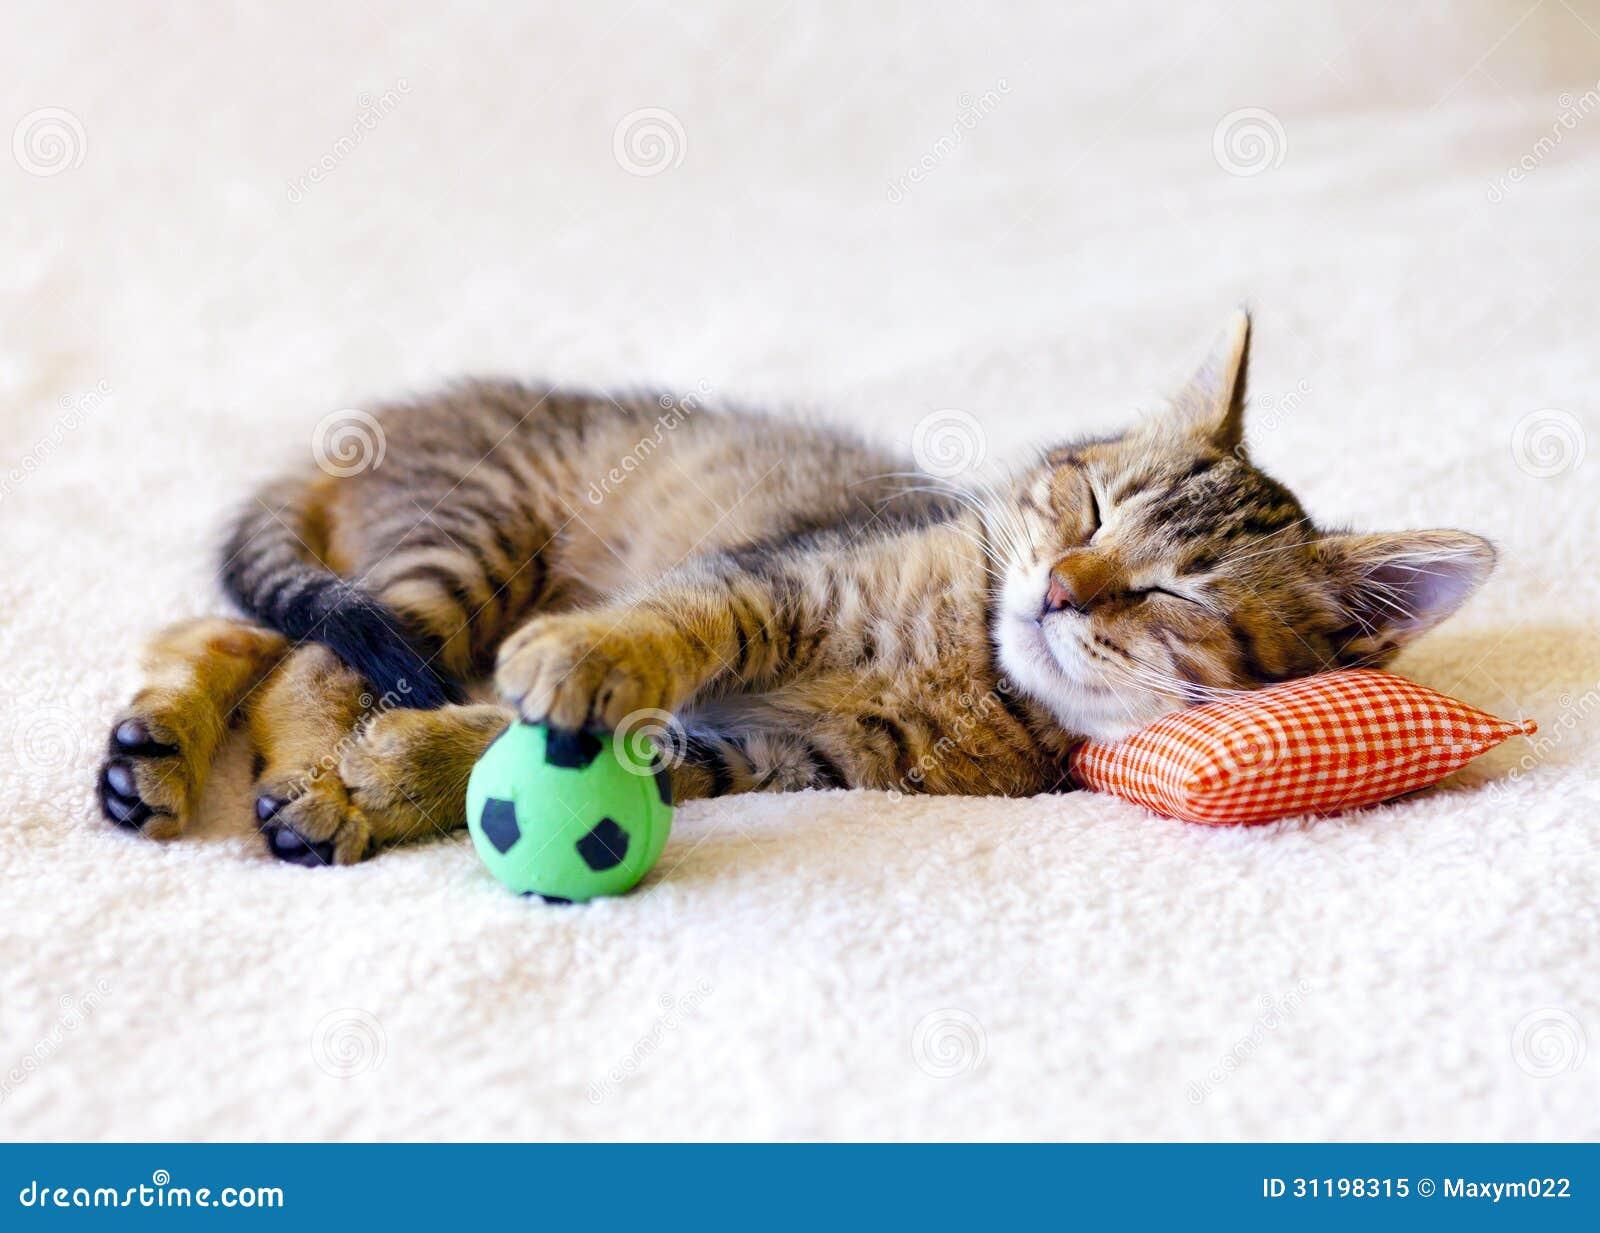 Kitten Sleeping On A Pillow Stock Image Image 31198315